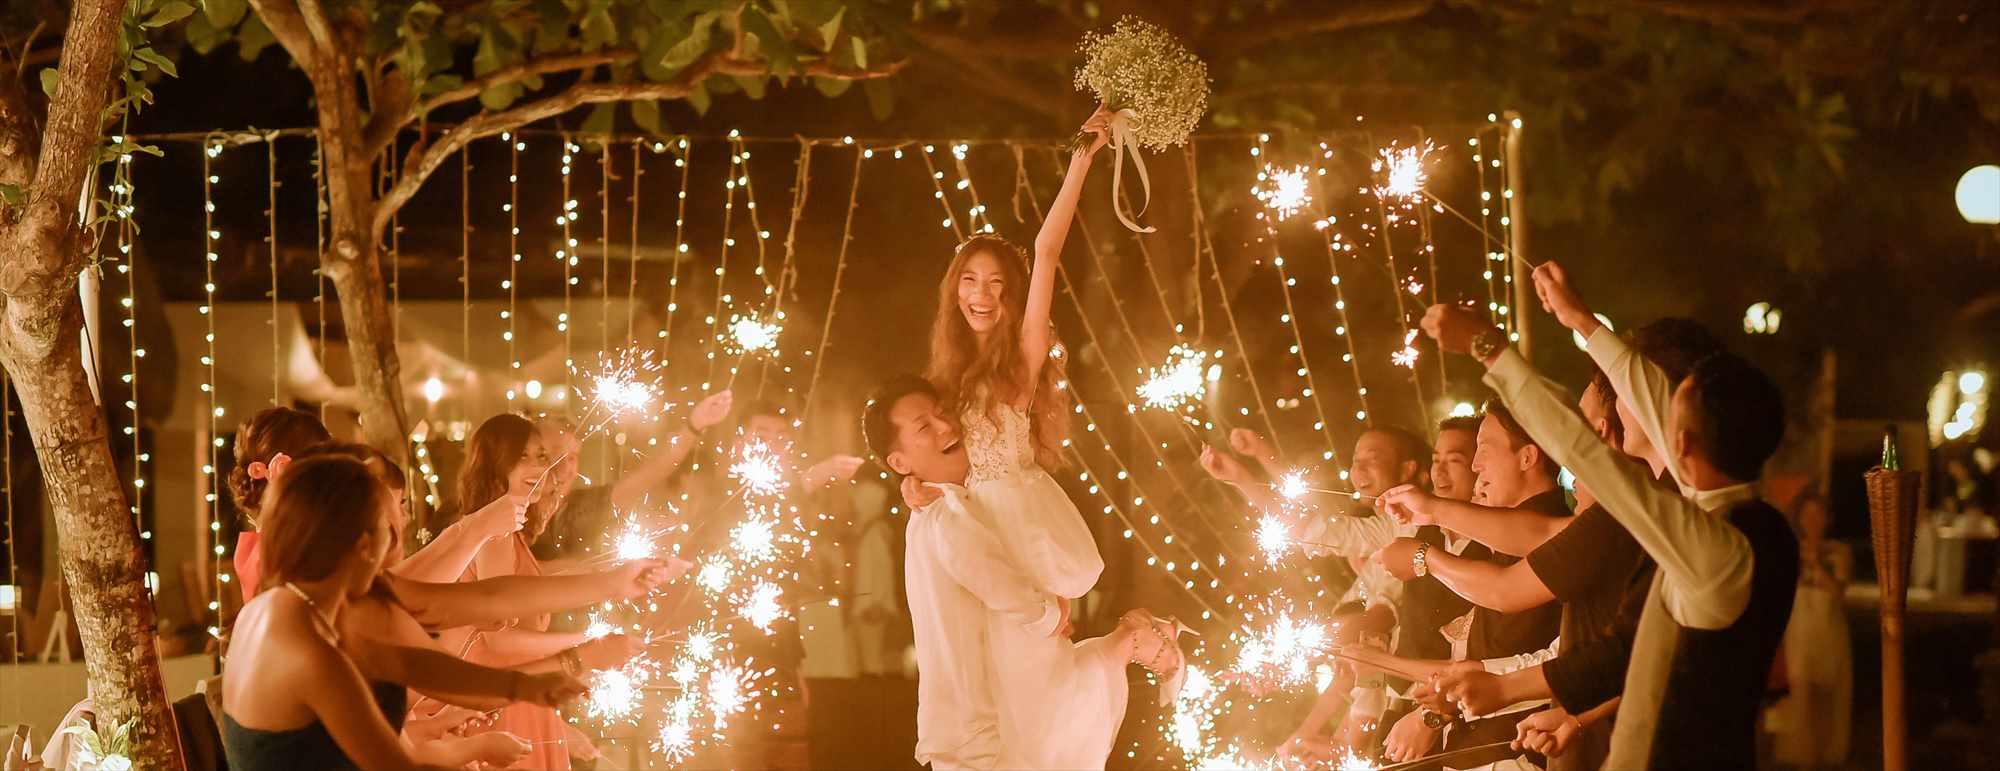 バリ島ガーデン・ウェディング・パーティー Ma Joly Garden Wedding Sprkler マ・ジョリー スパークラー